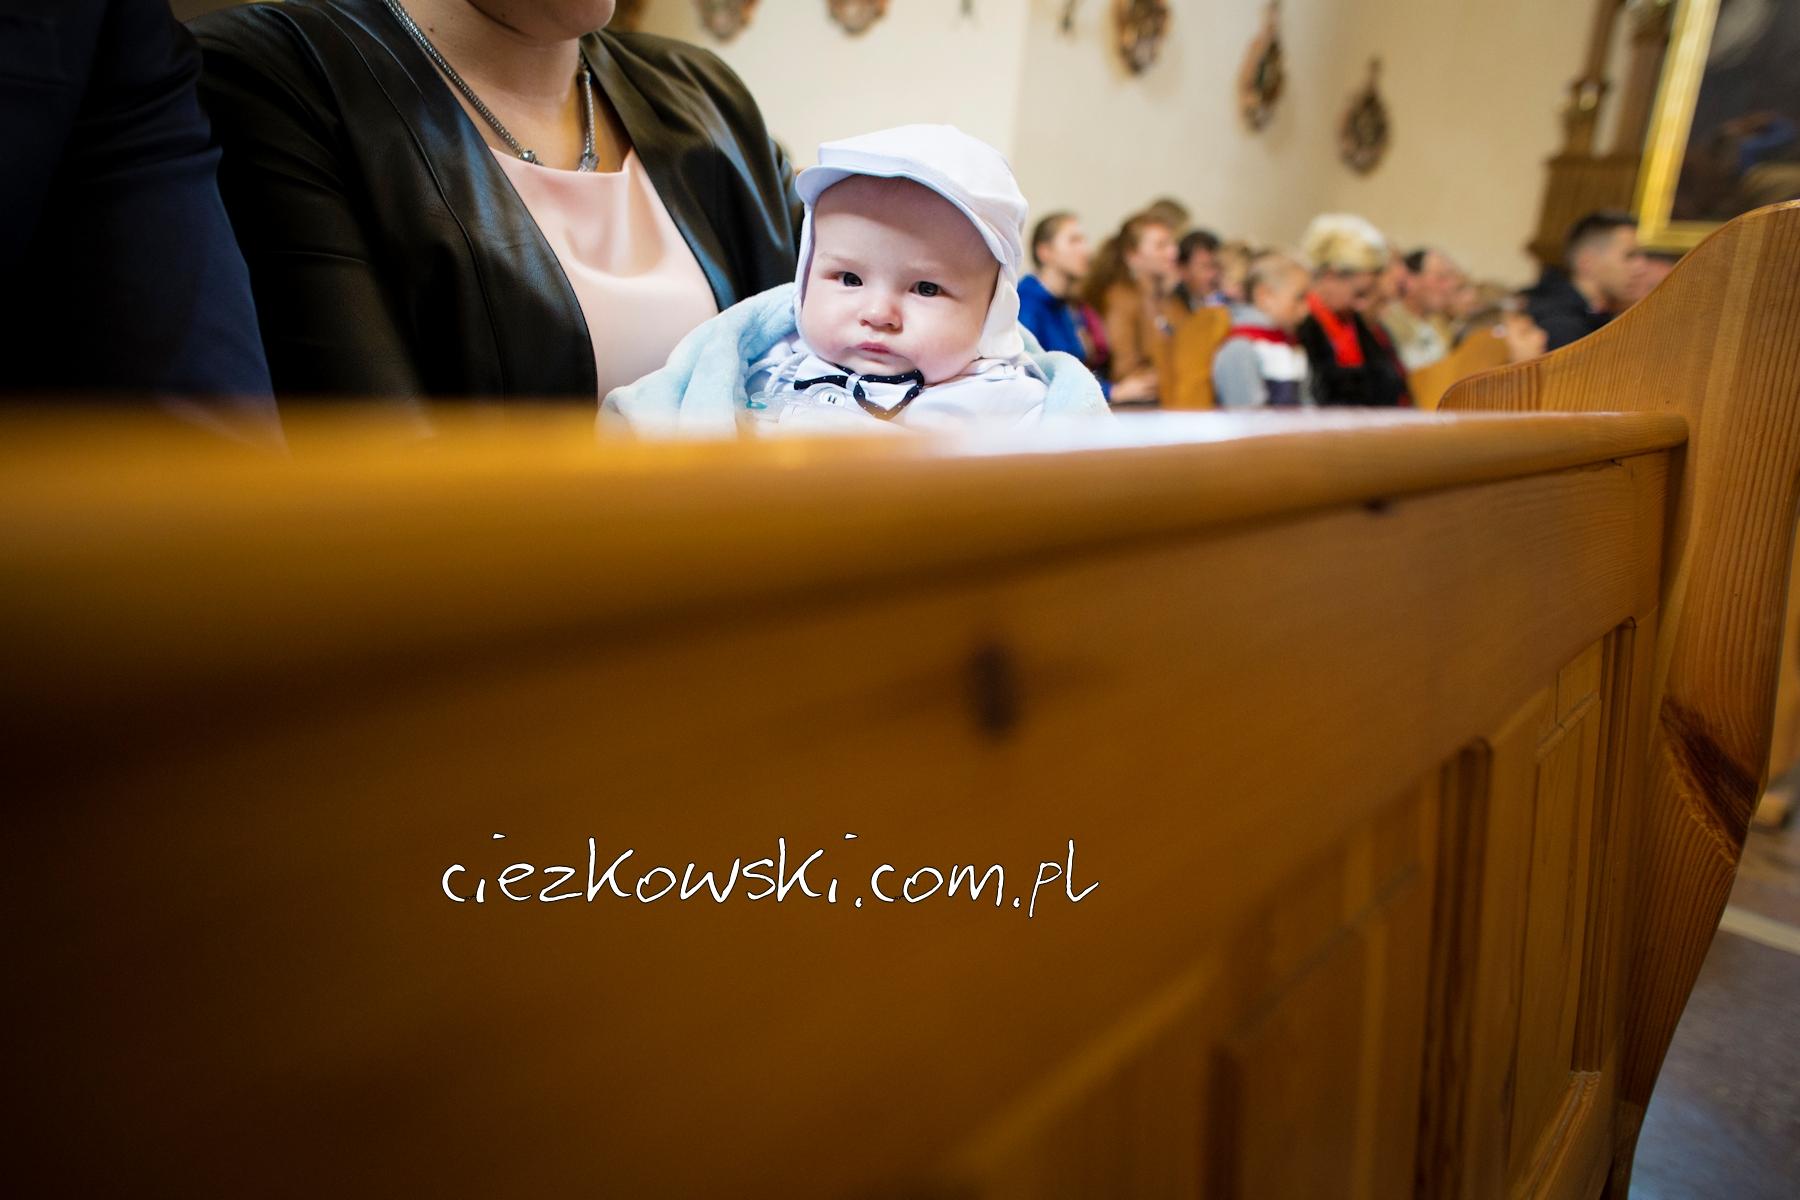 Chrzest Fotoreportaż ( ciezkowski.com.pl )